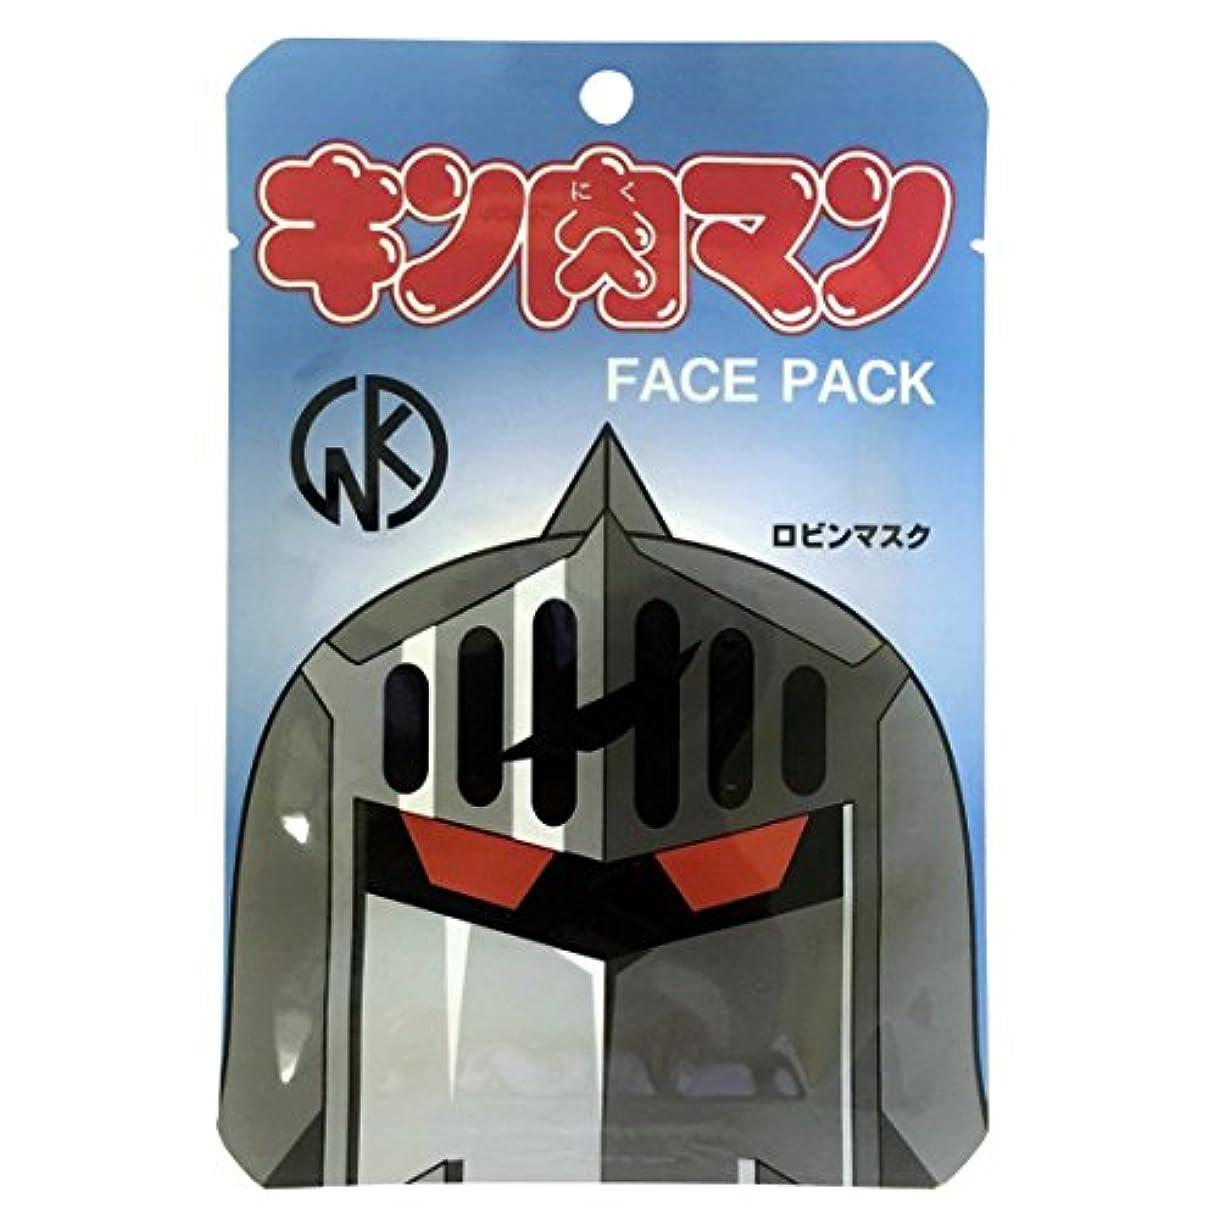 瞑想磁石自動化キン肉マン 超人フェイスパック ロビンマスク シトラスの香り 1枚入